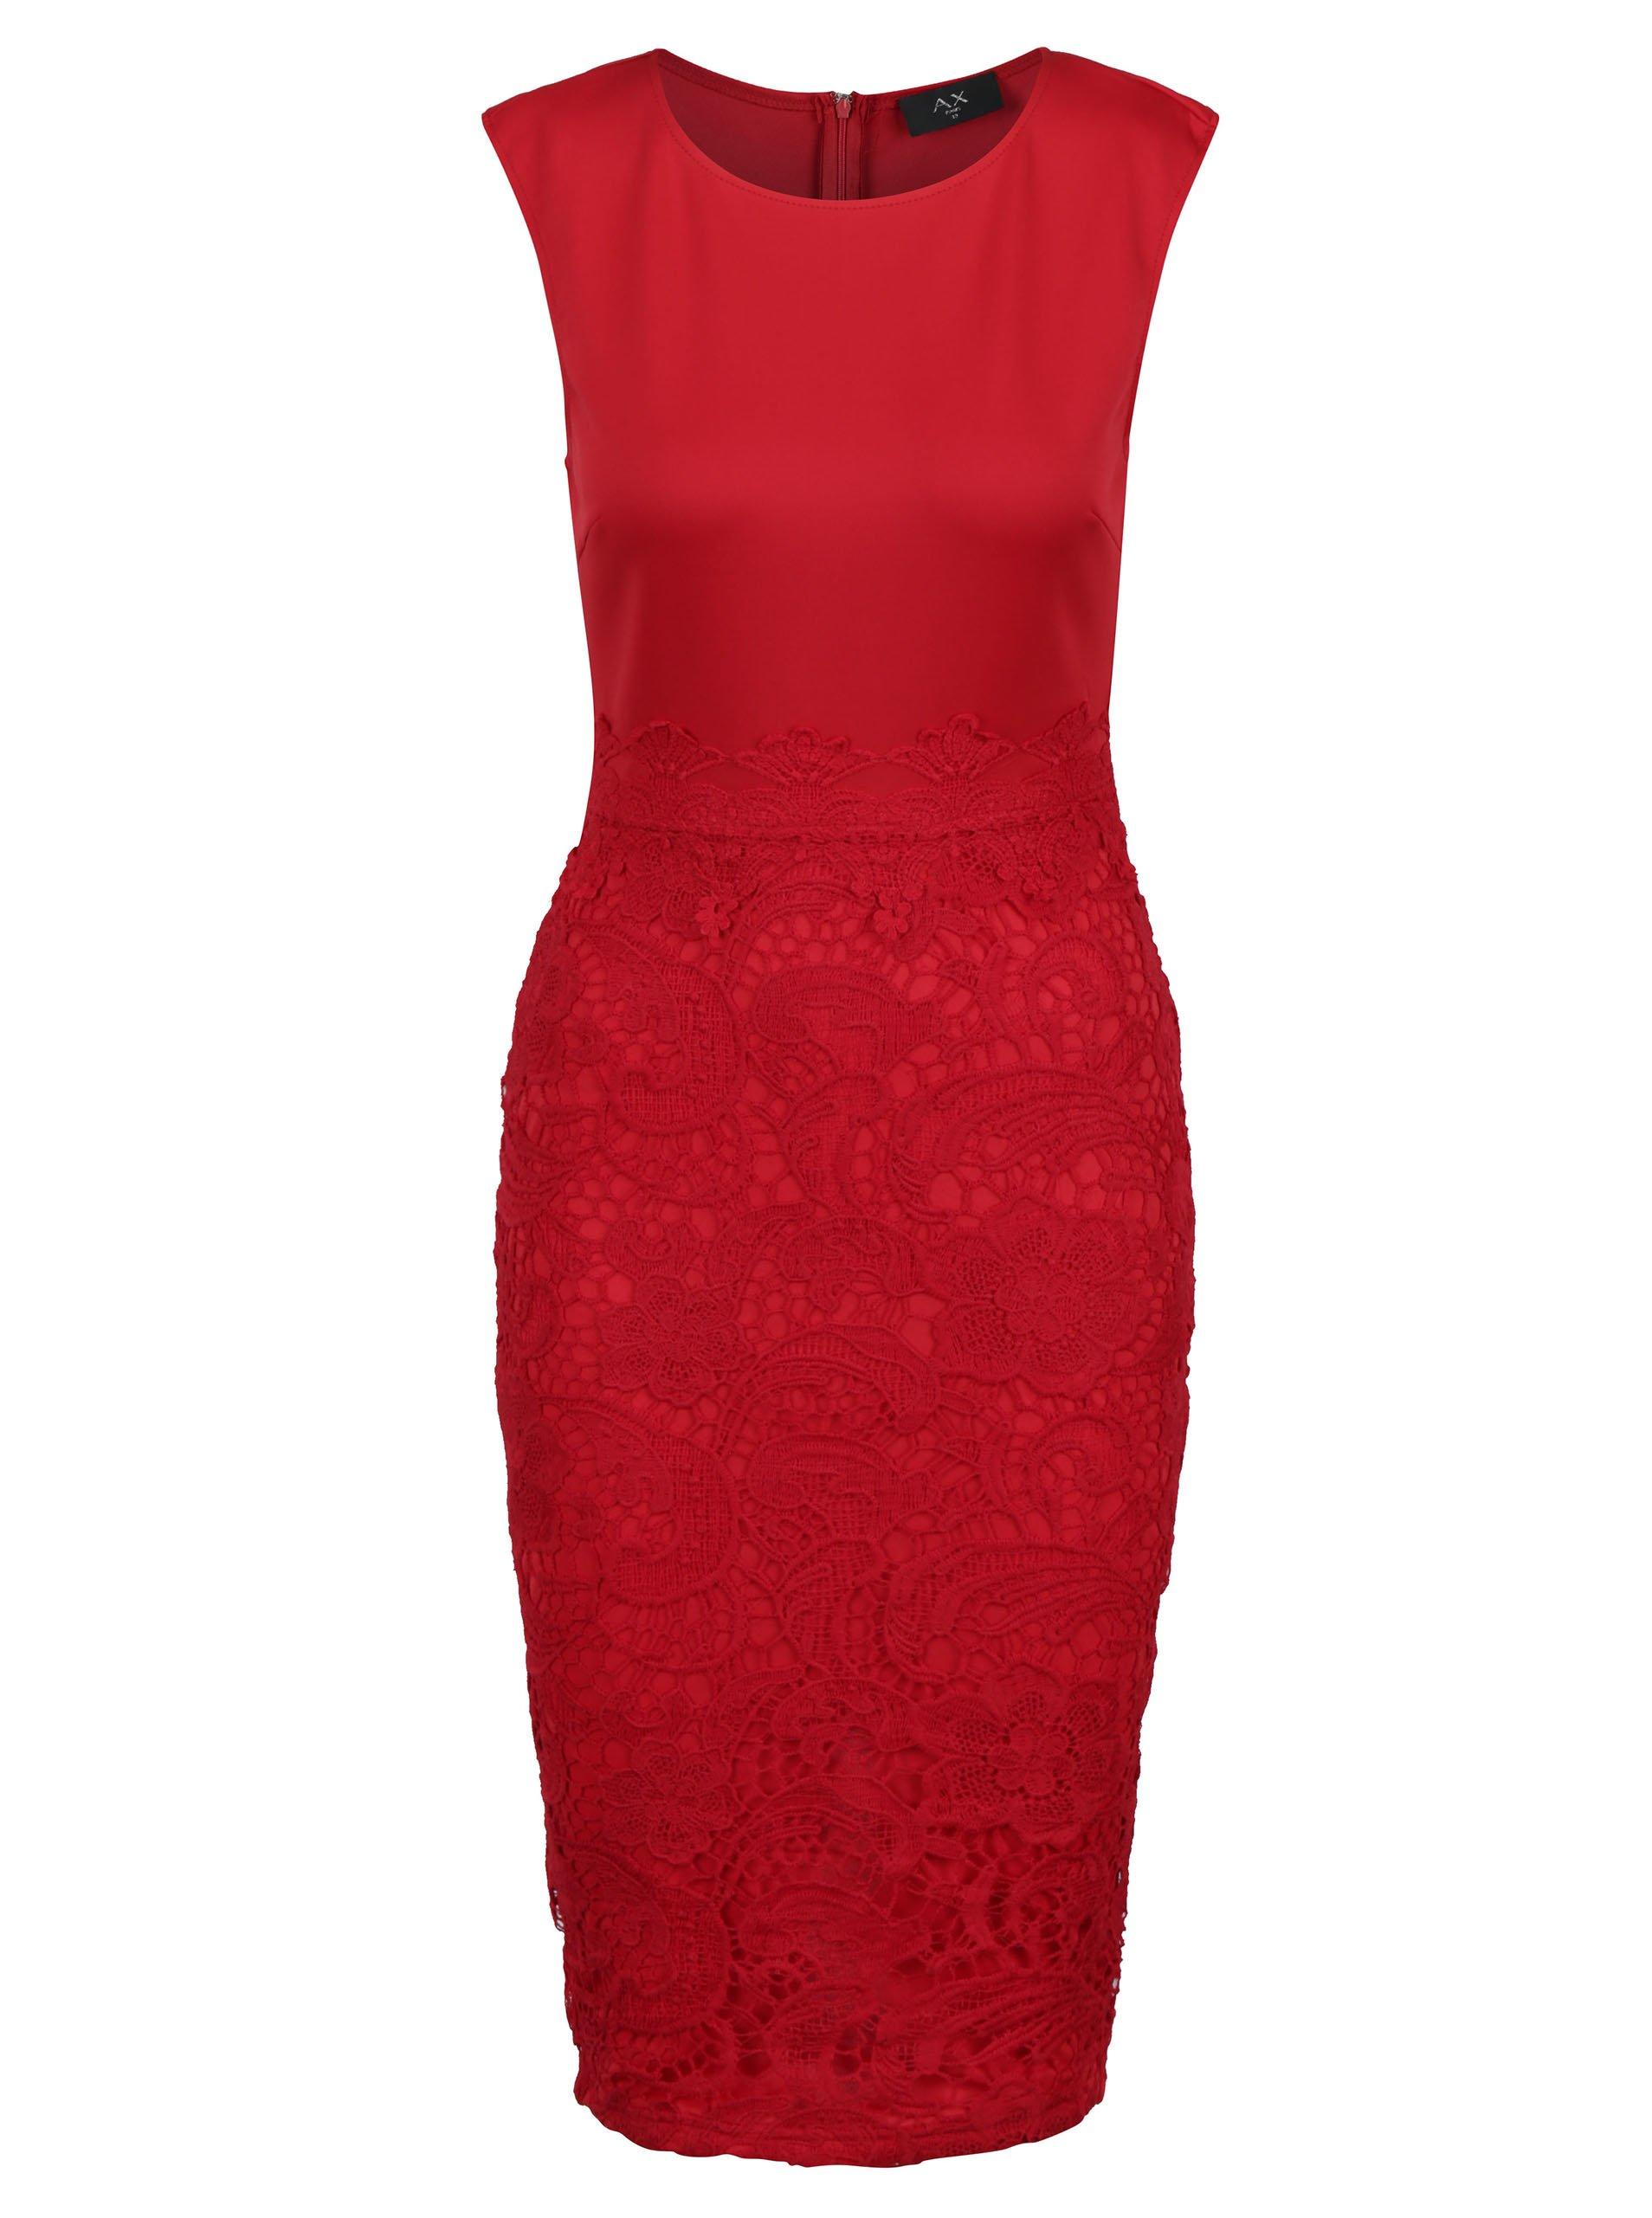 Červené puzdrové šaty s čipkou AX Paris  fce3e1f61f5